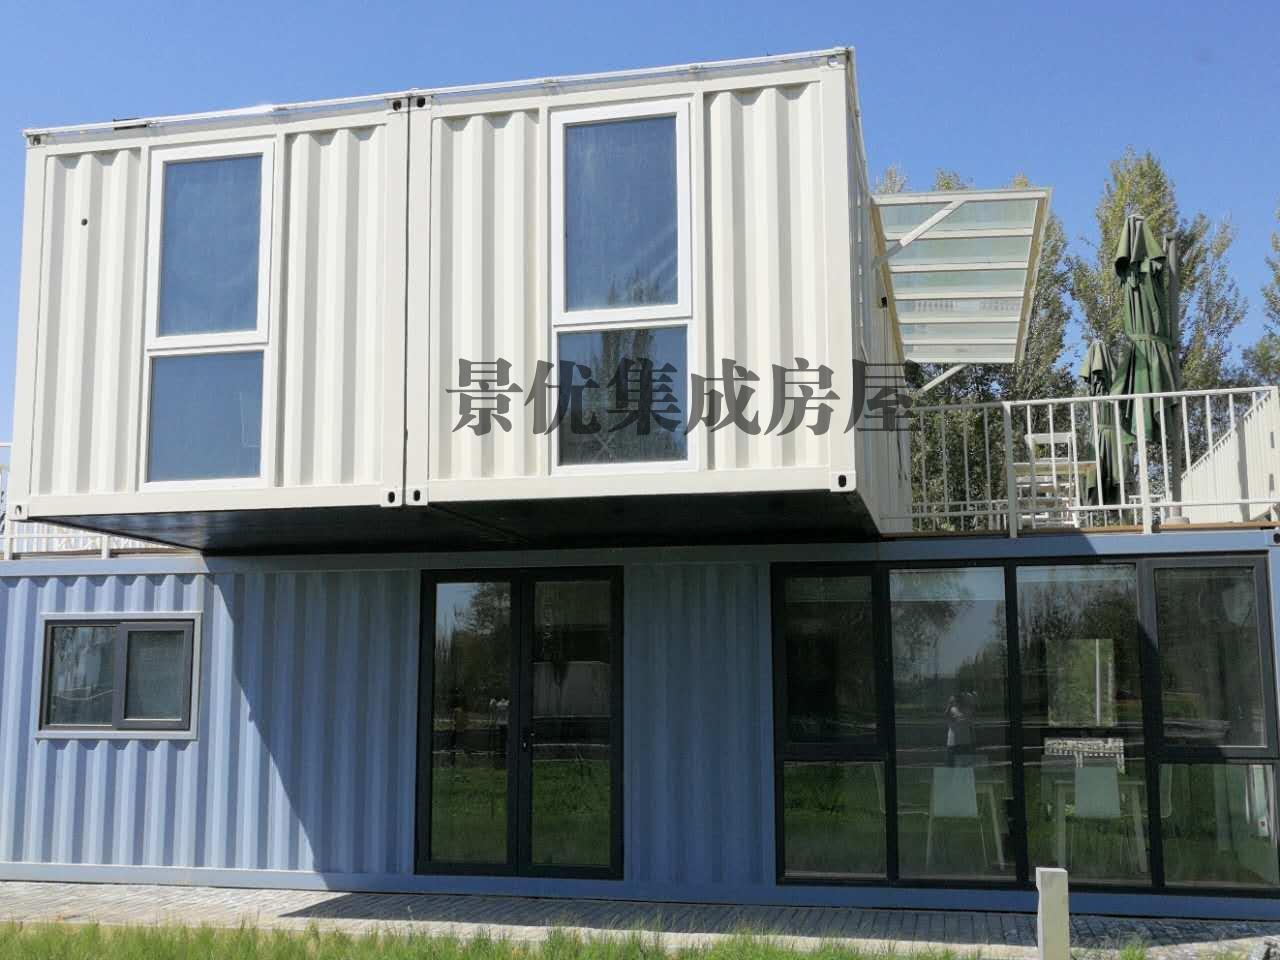 内蒙古集装箱别墅